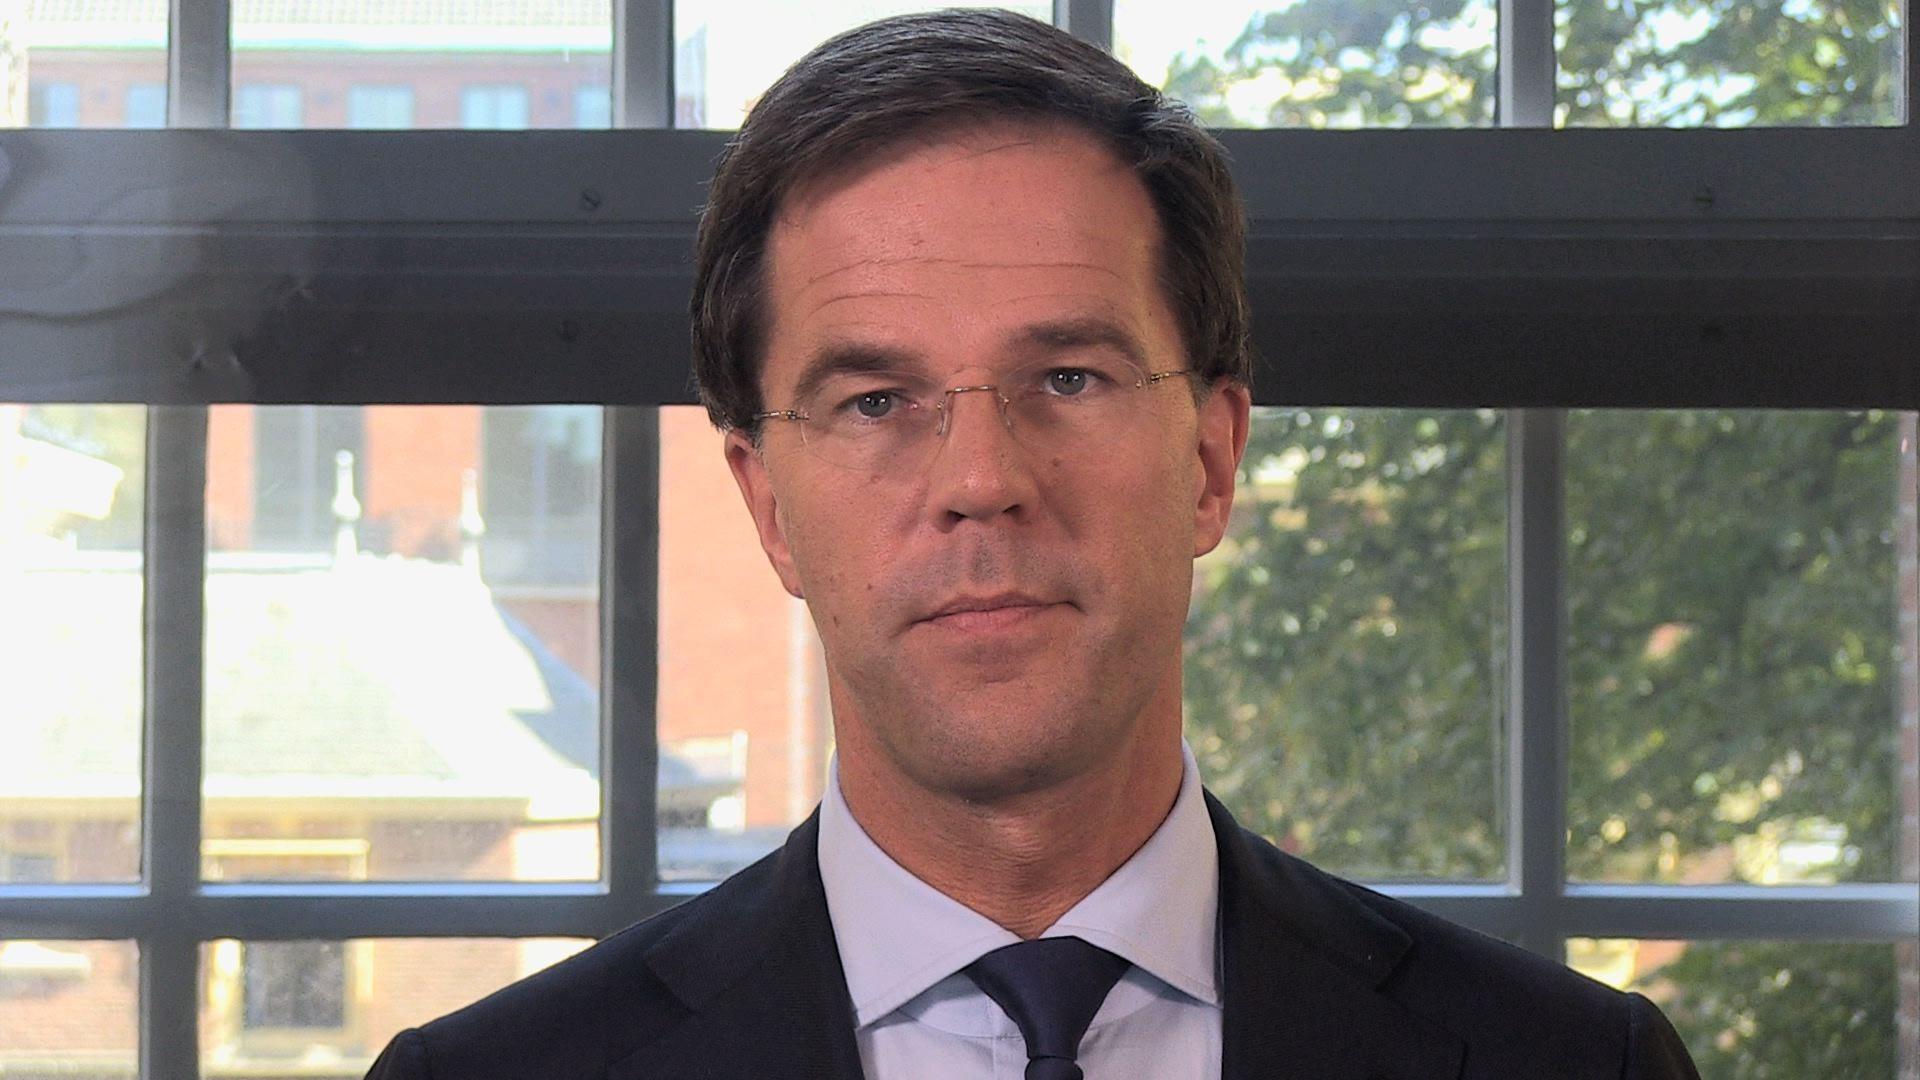 Prinsjesdag 2014 – Minister-president Rutte geeft een toelichting op de kabinetsplannen 2015